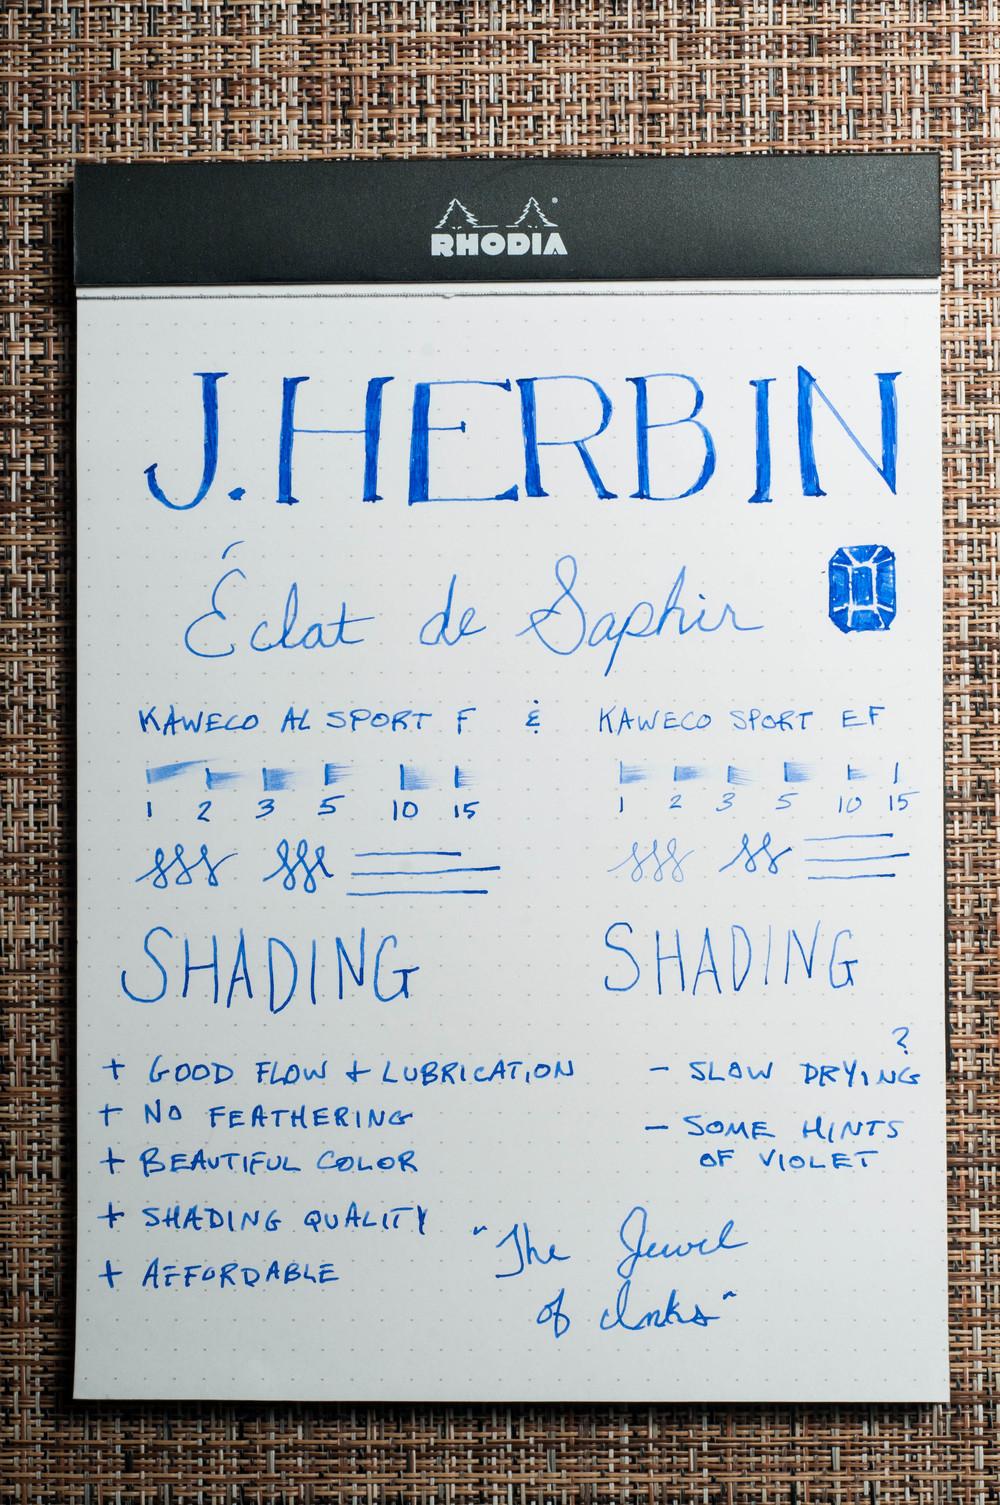 J. Herbin Eclat de Saphir 1.jpg